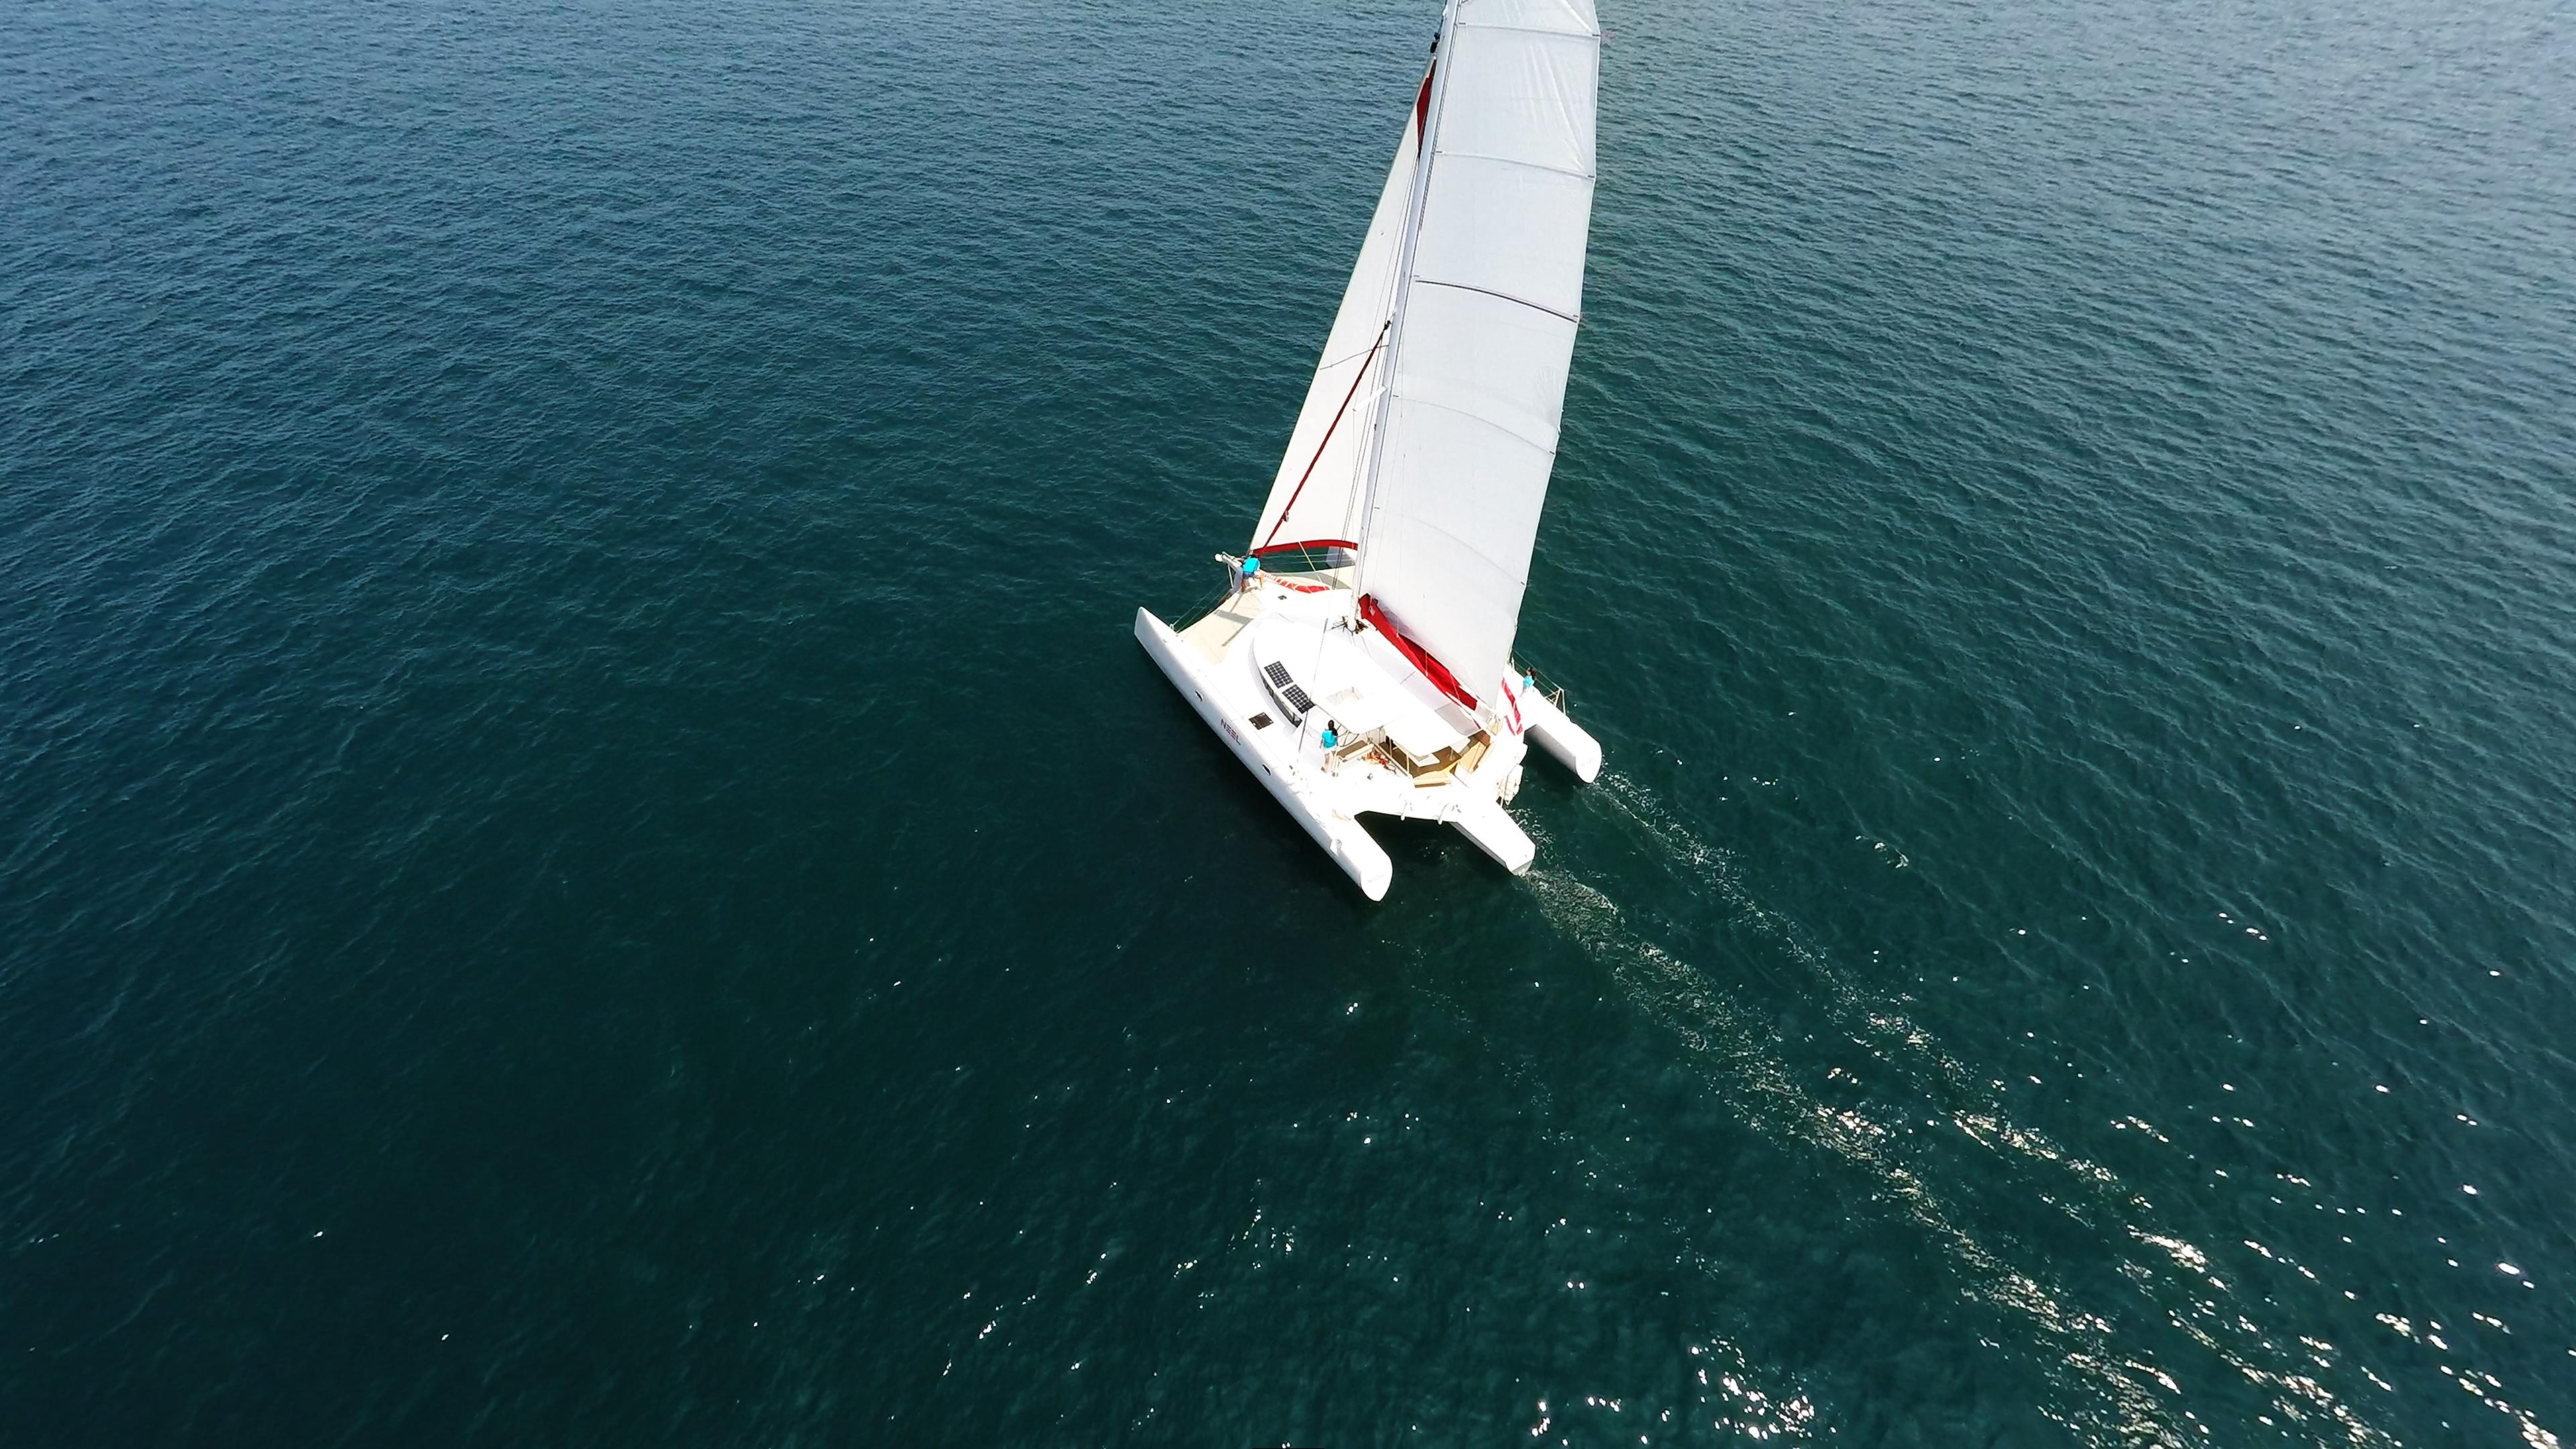 yachting trimarano naviga a vela